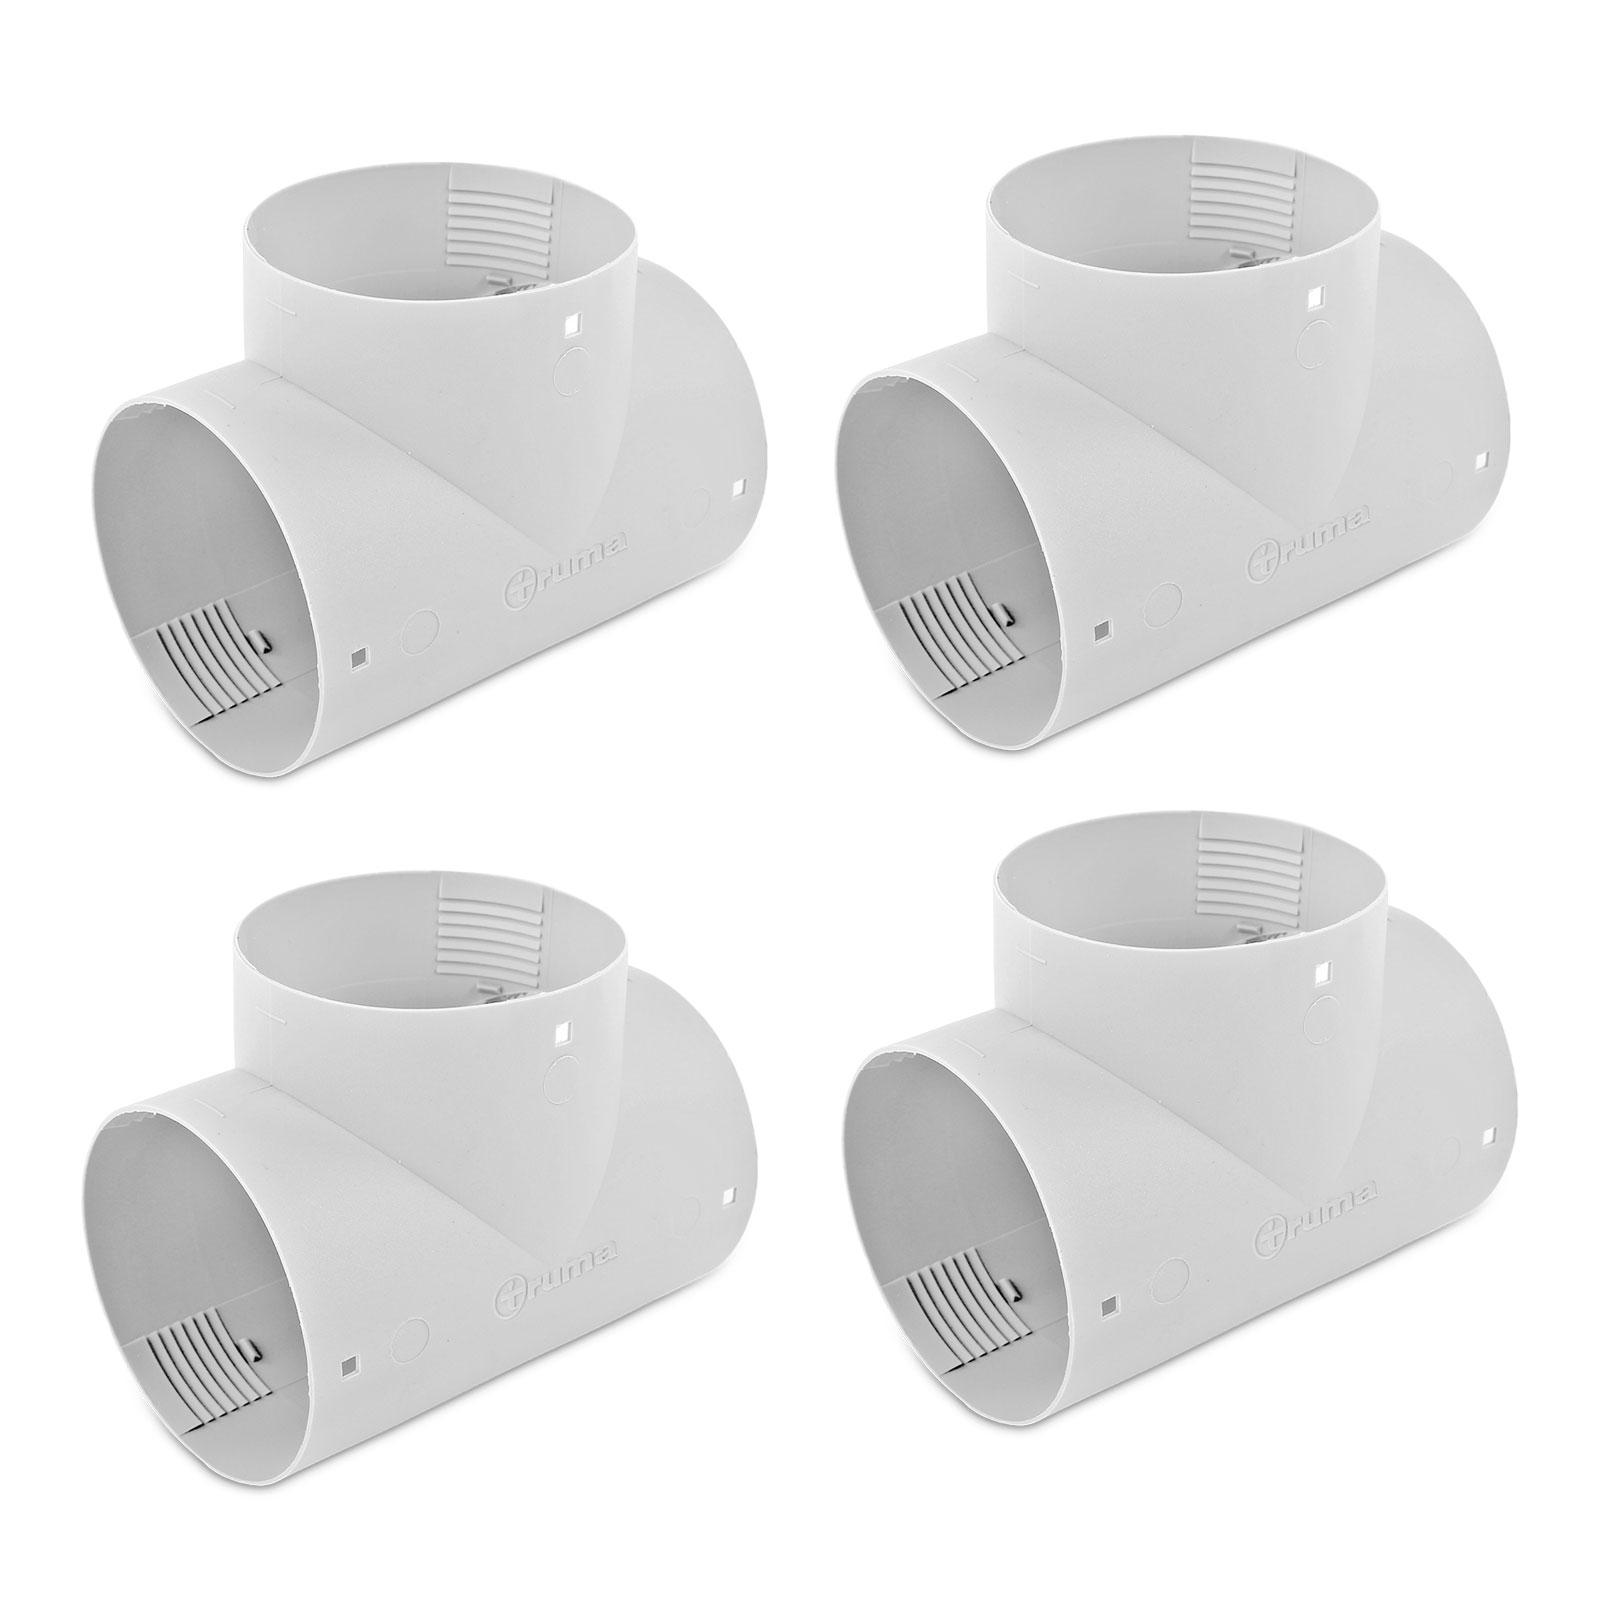 4x T Stück für Warmluftrohre Truma Grau für 65 mm TS T-Stück